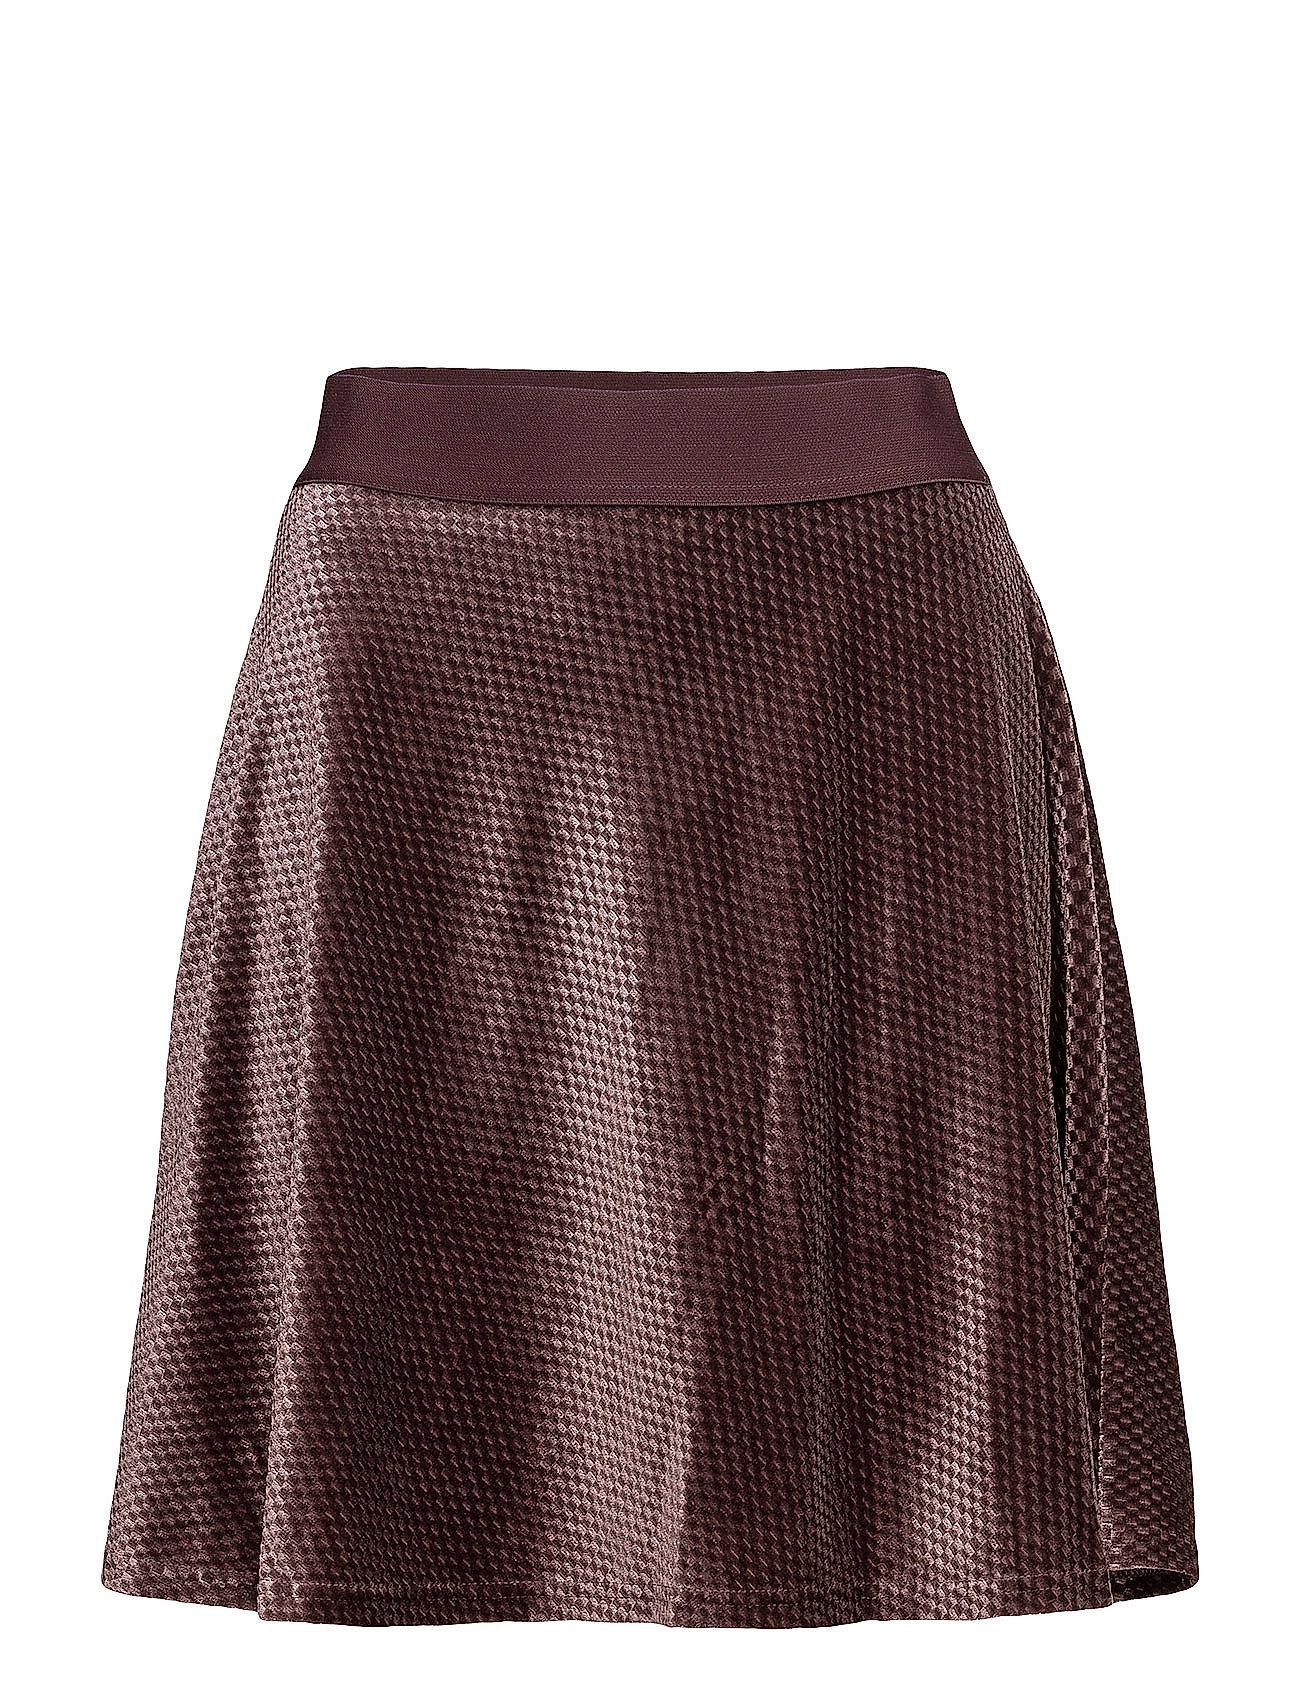 Image of Check Velvet Skater Skirt (2817572485)